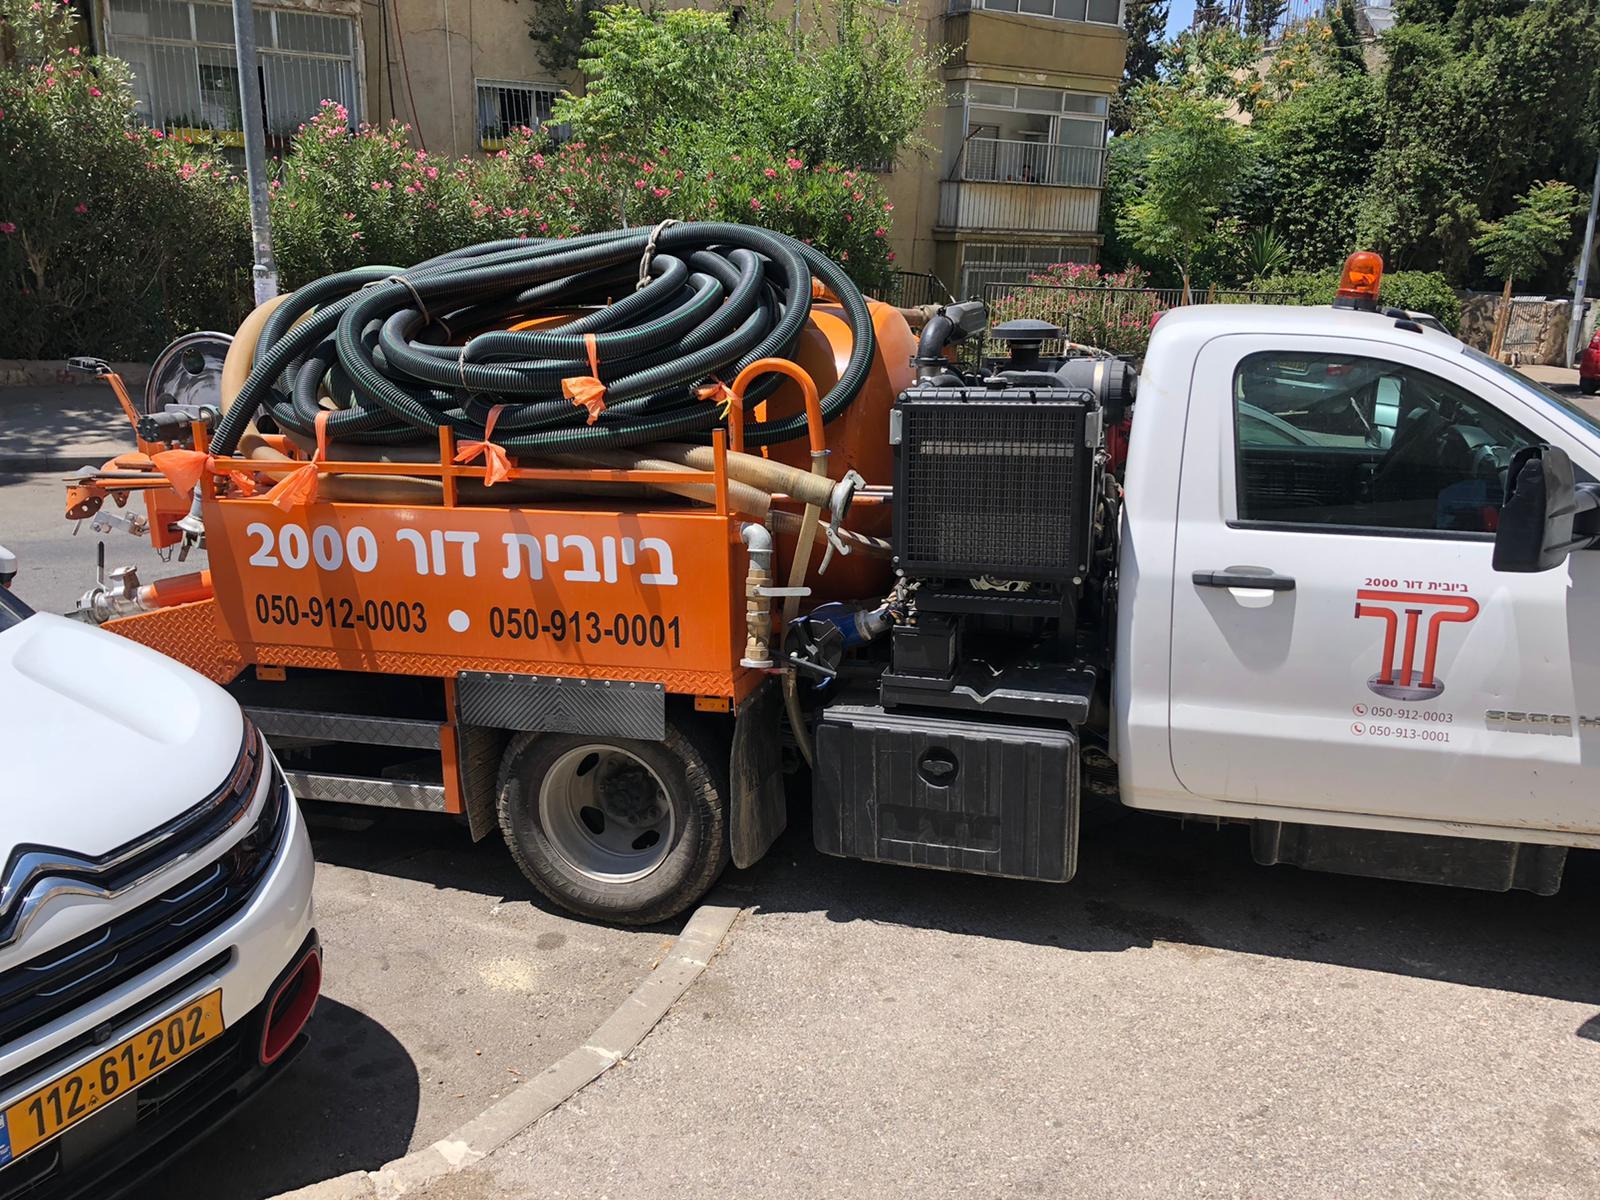 פתיחת סתימה ושטיפת קו למסעדה בשכונת בית הכרם בירושלים.